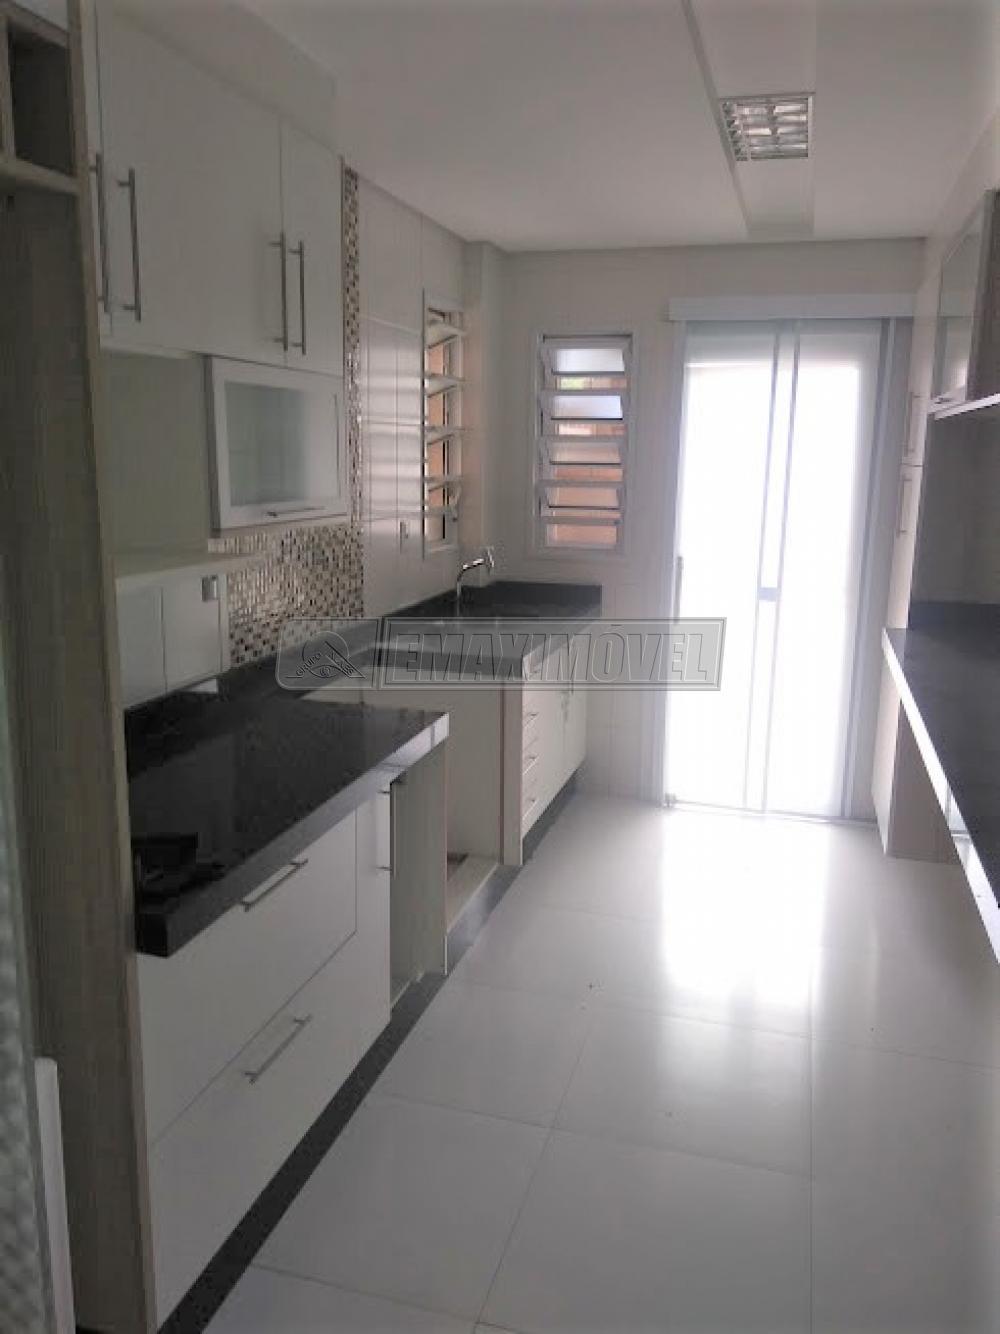 Alugar Apartamentos / Apto Padrão em Sorocaba apenas R$ 2.000,00 - Foto 2